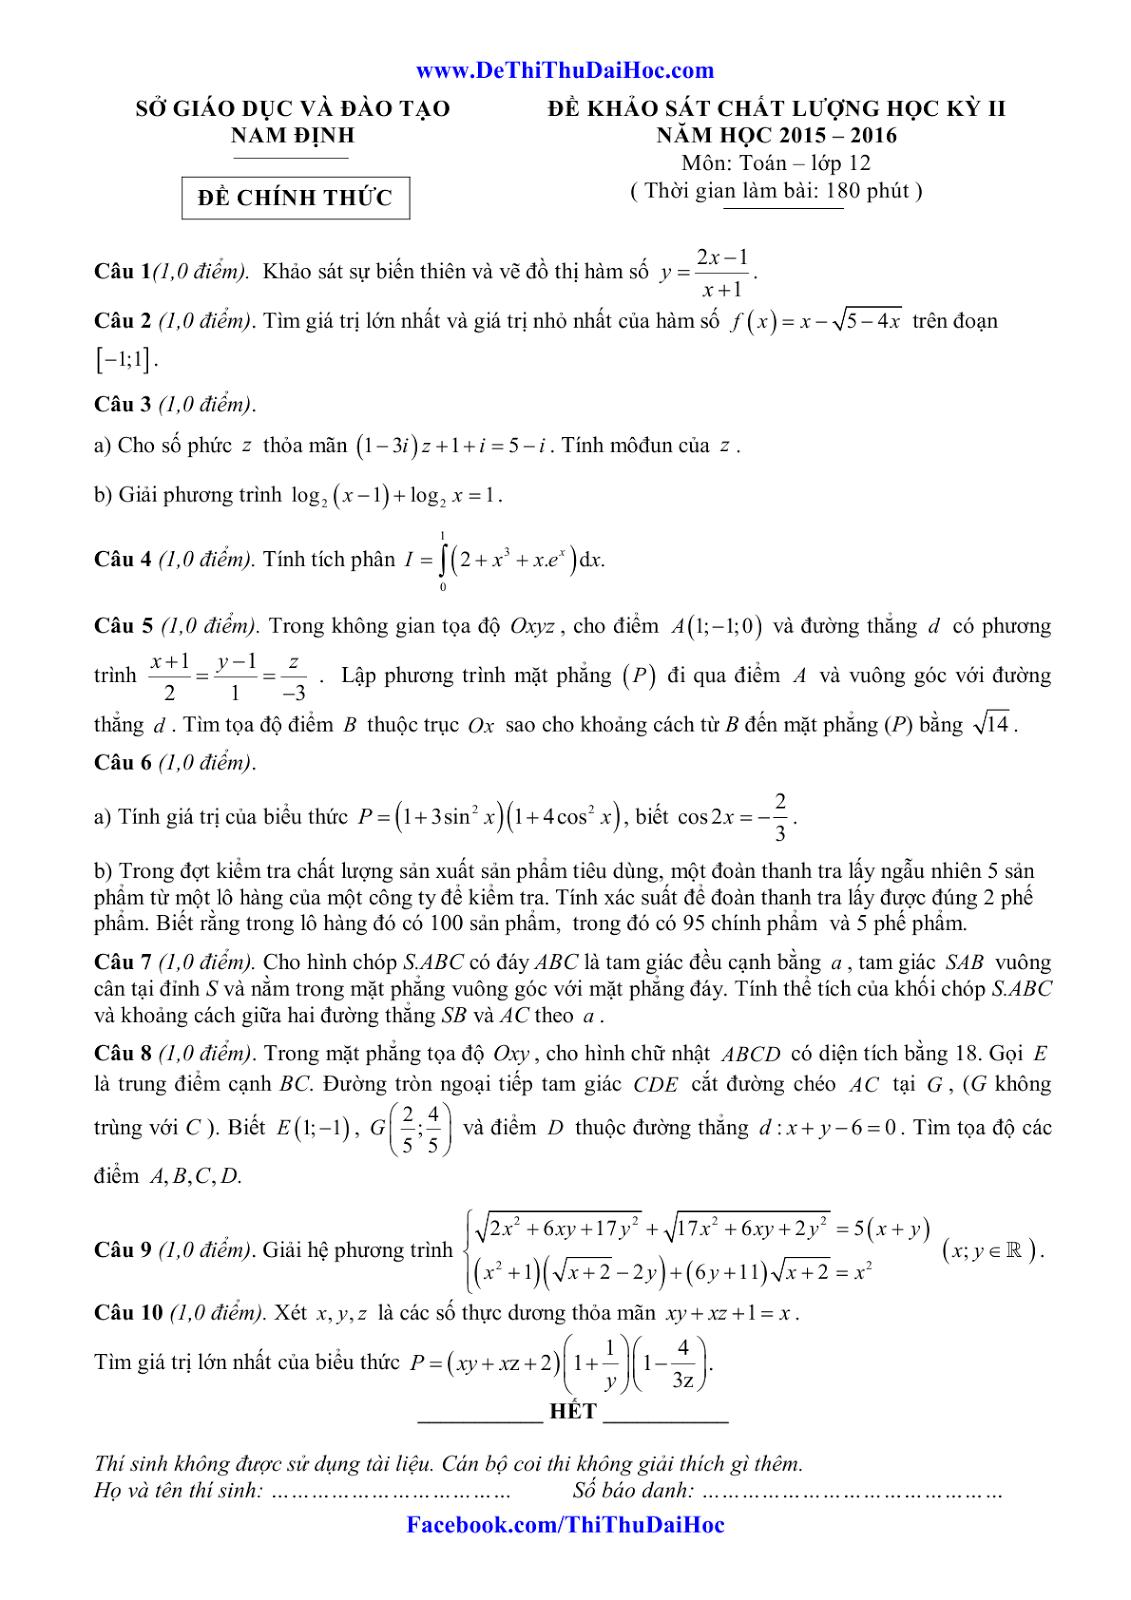 đề thi thử và đáp án môn toán tỉnh nam định 2016